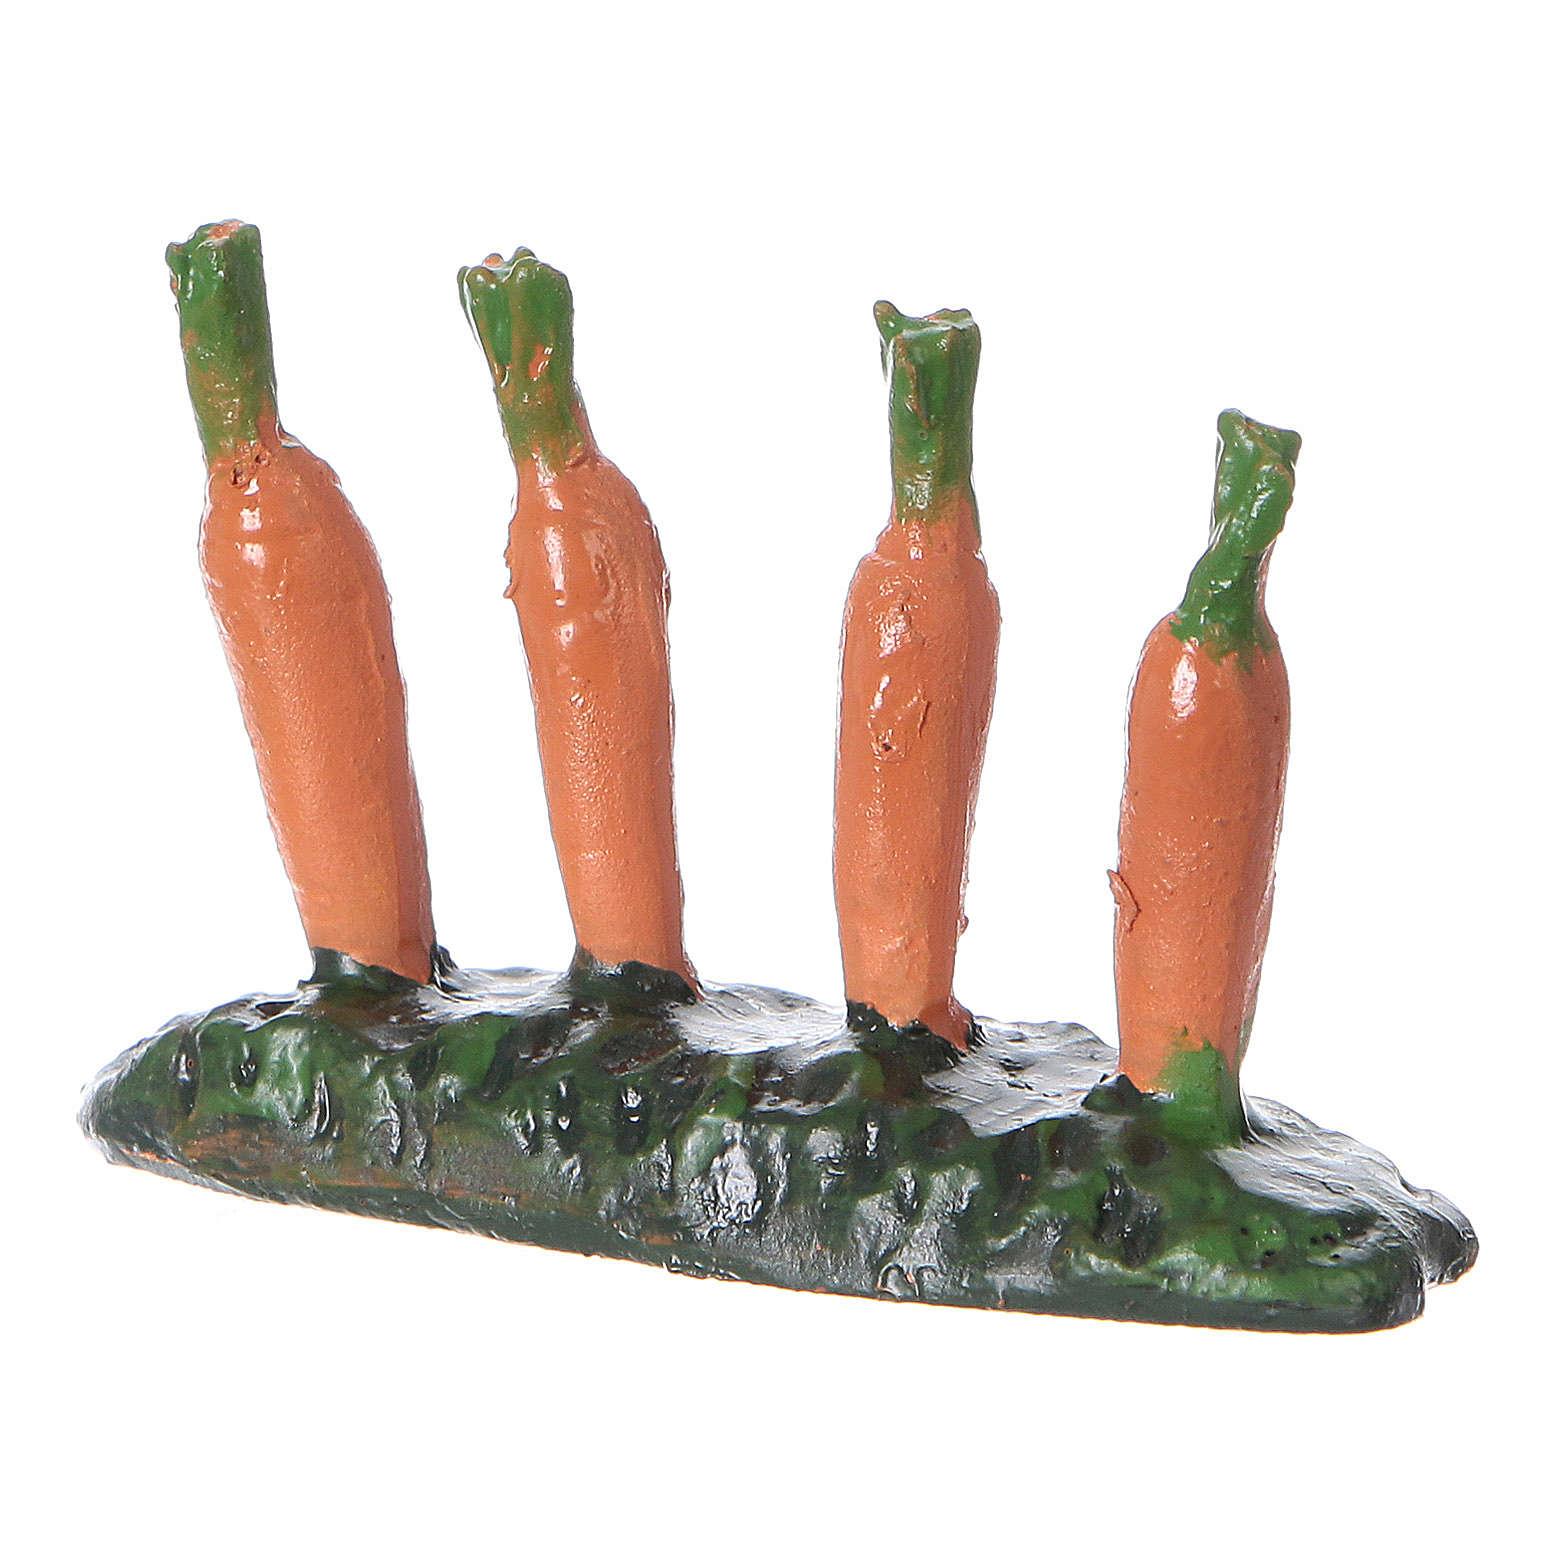 Hila de zanahorias plantadas huerto 5x5x5 cm belén 7 cm 4